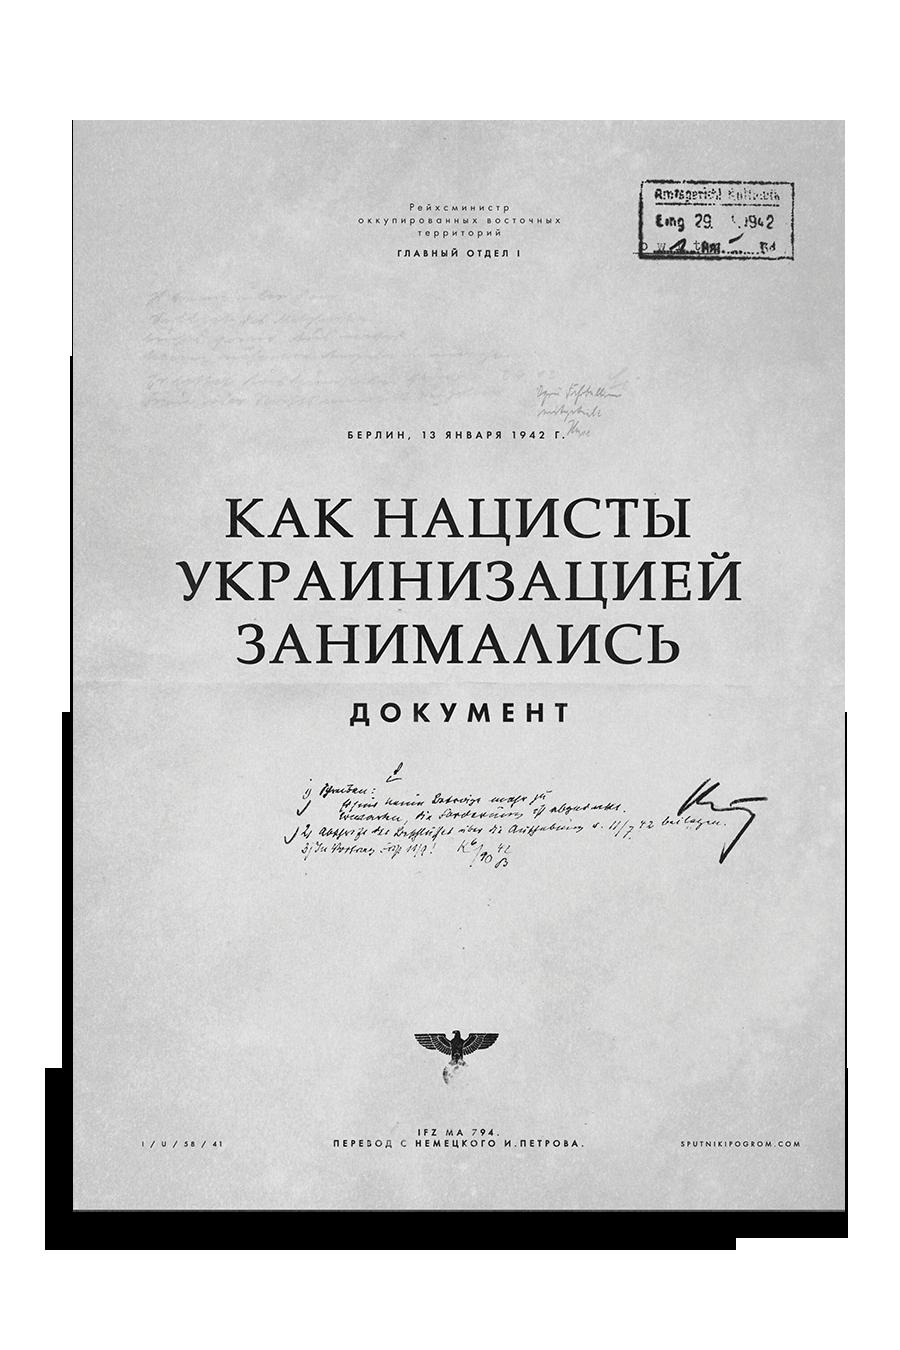 Как нацисты украинизацией занимались (документ) Nu-cover-alpha